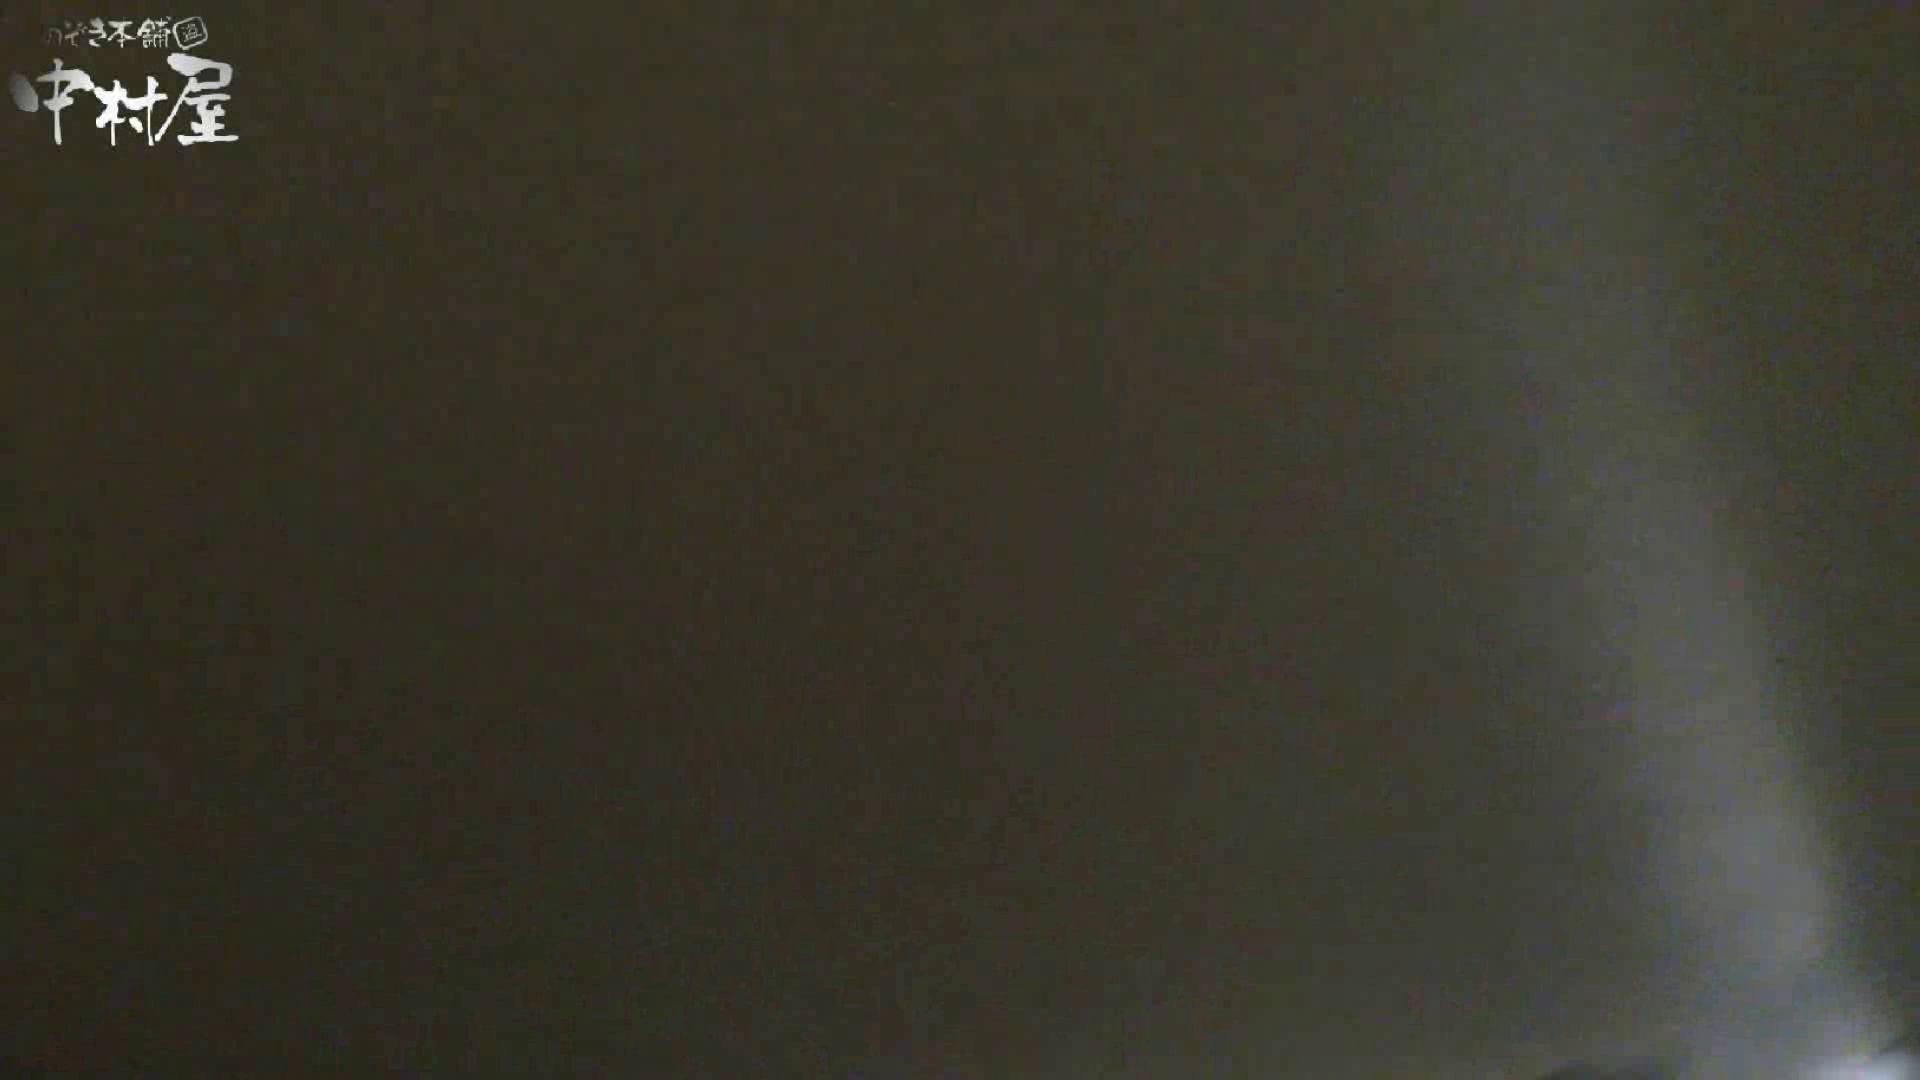 部活女子トイレ潜入編vol.5 トイレ 盗撮戯れ無修正画像 69画像 43